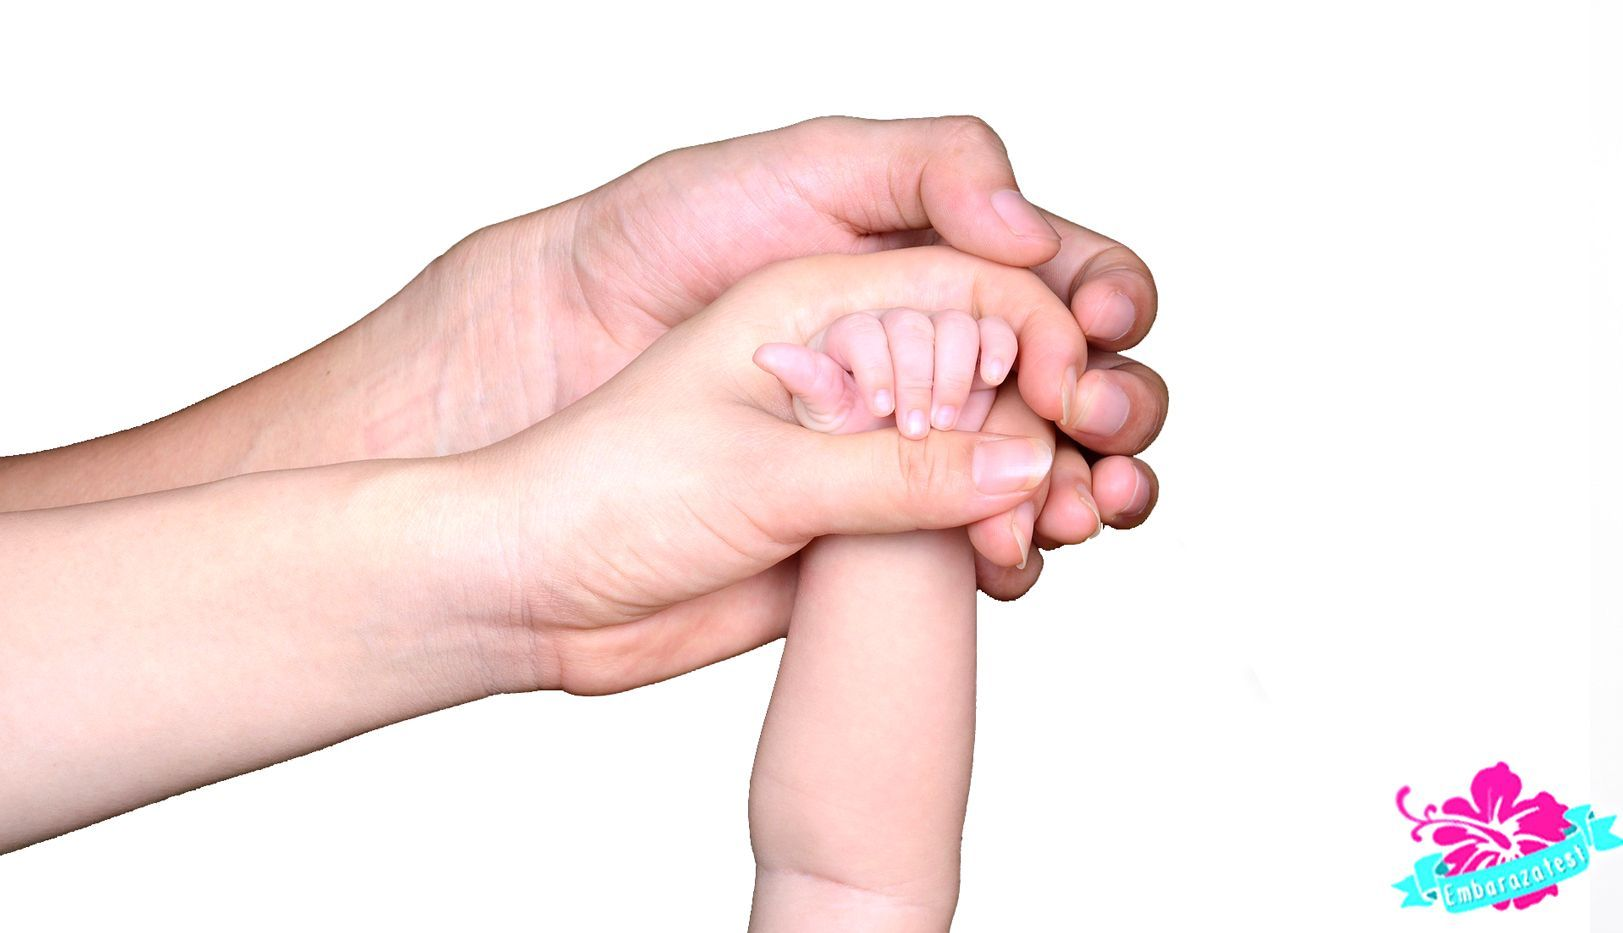 Qué Aspecto Tiene un Test de Embarazo Positivo de Embarazatest